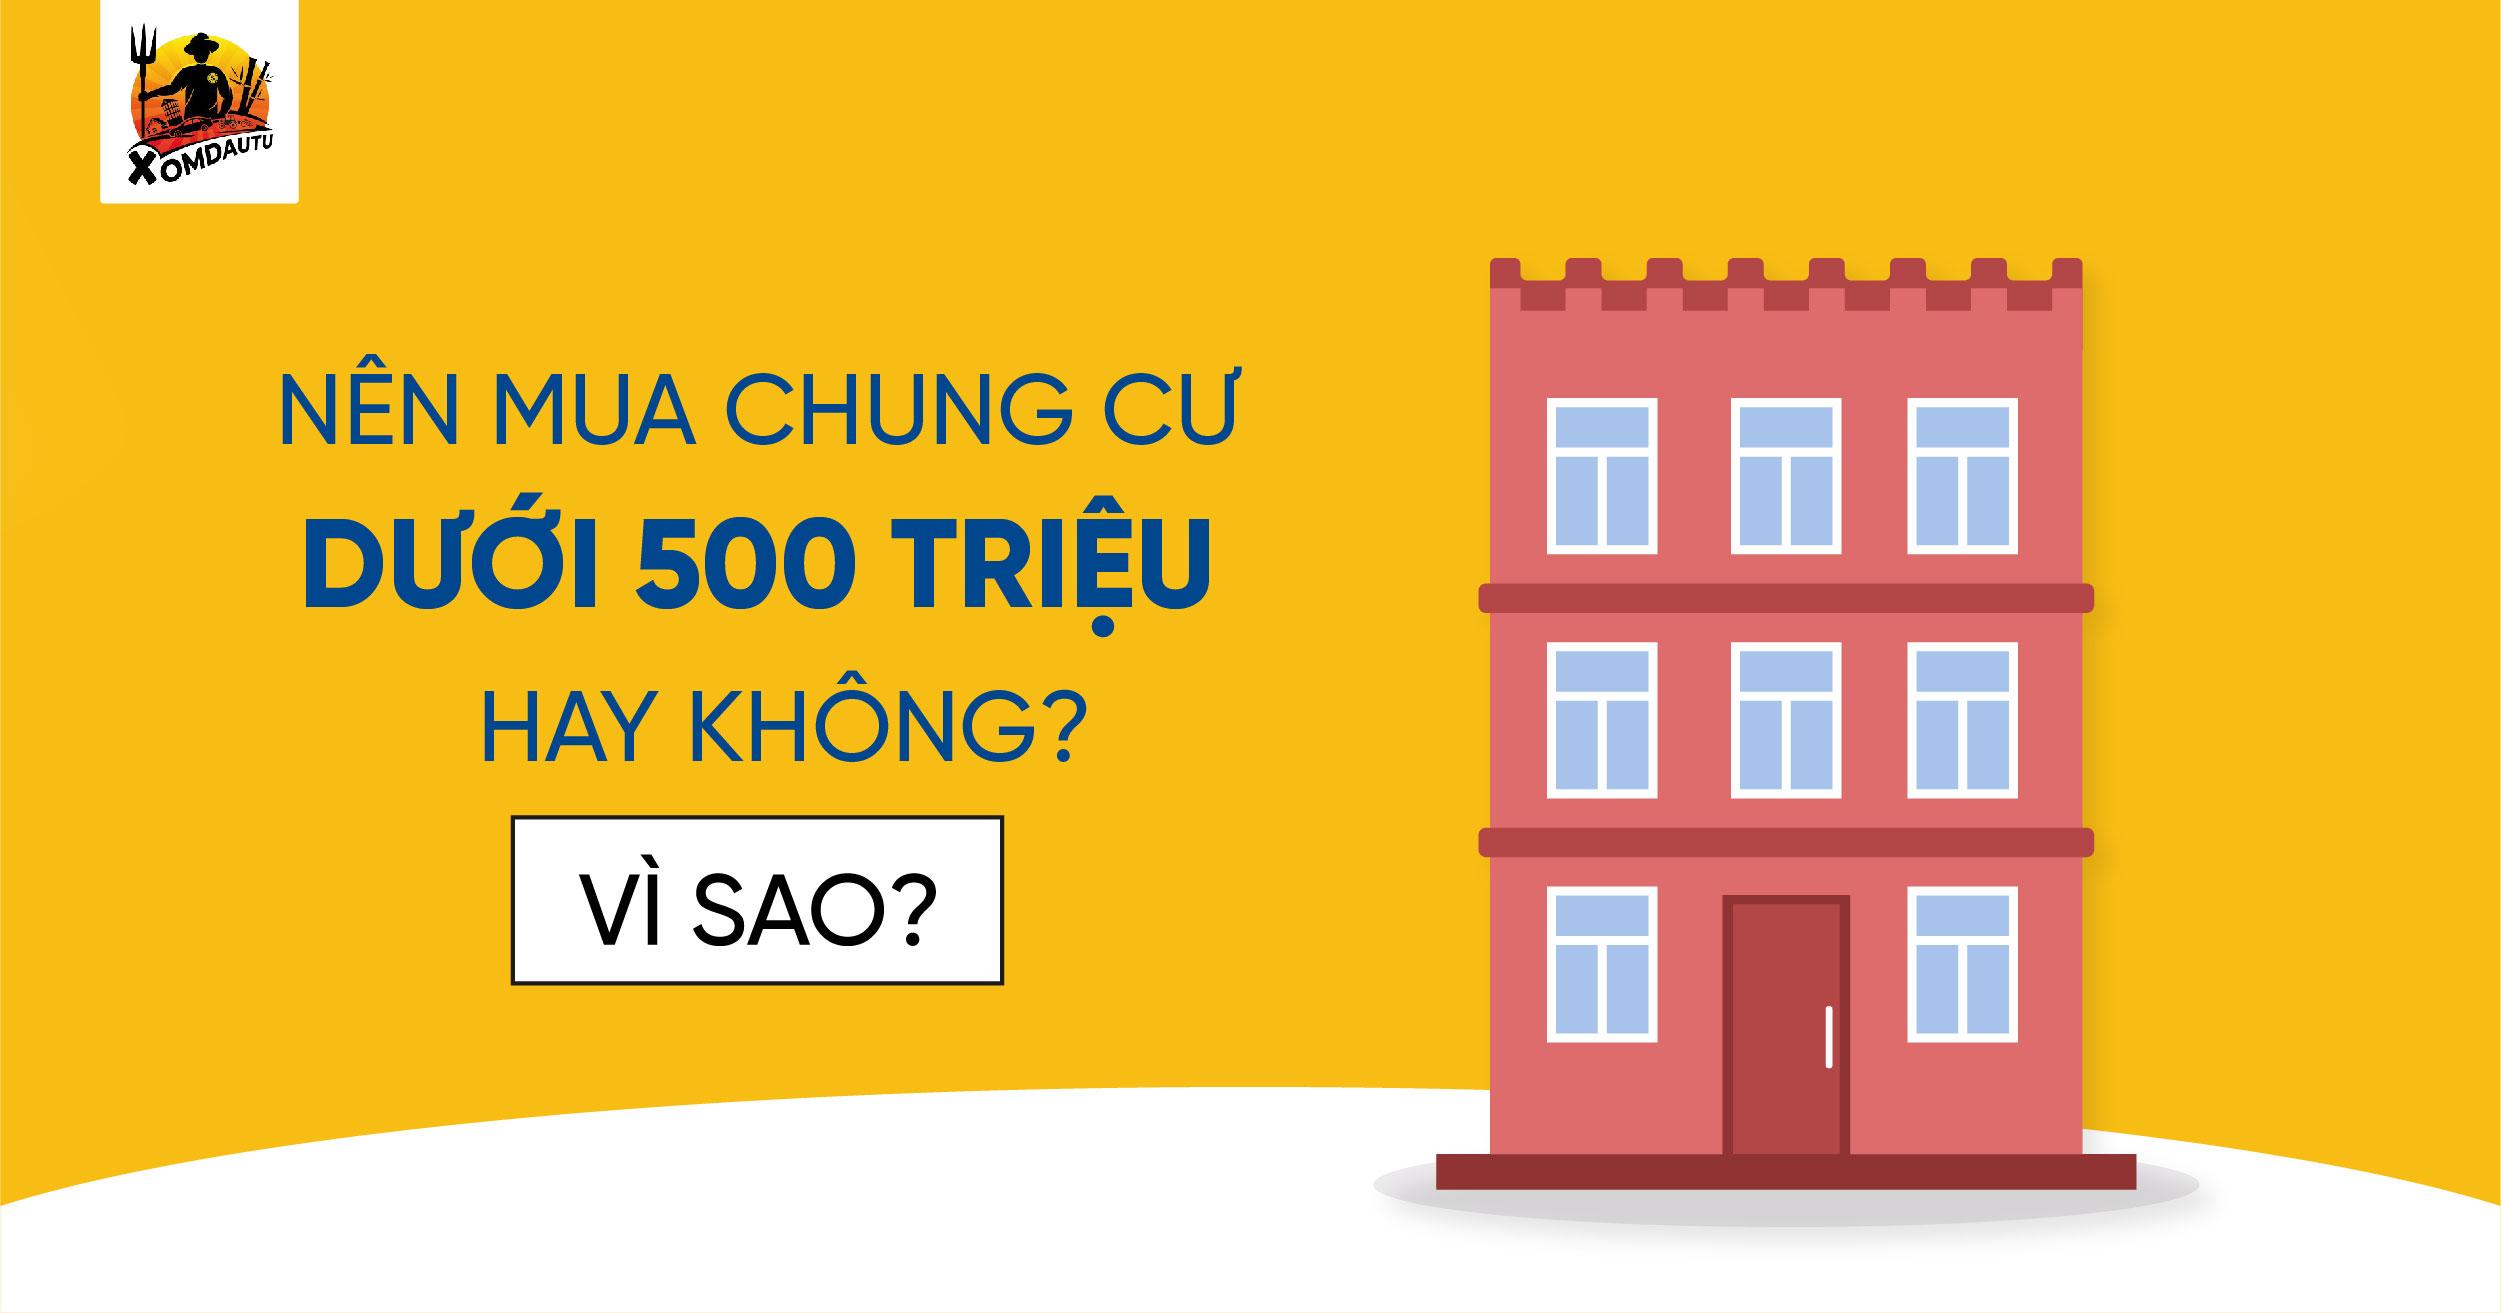 Co 500 Trieu Co Nen Mua Nha Khong Vi Sao